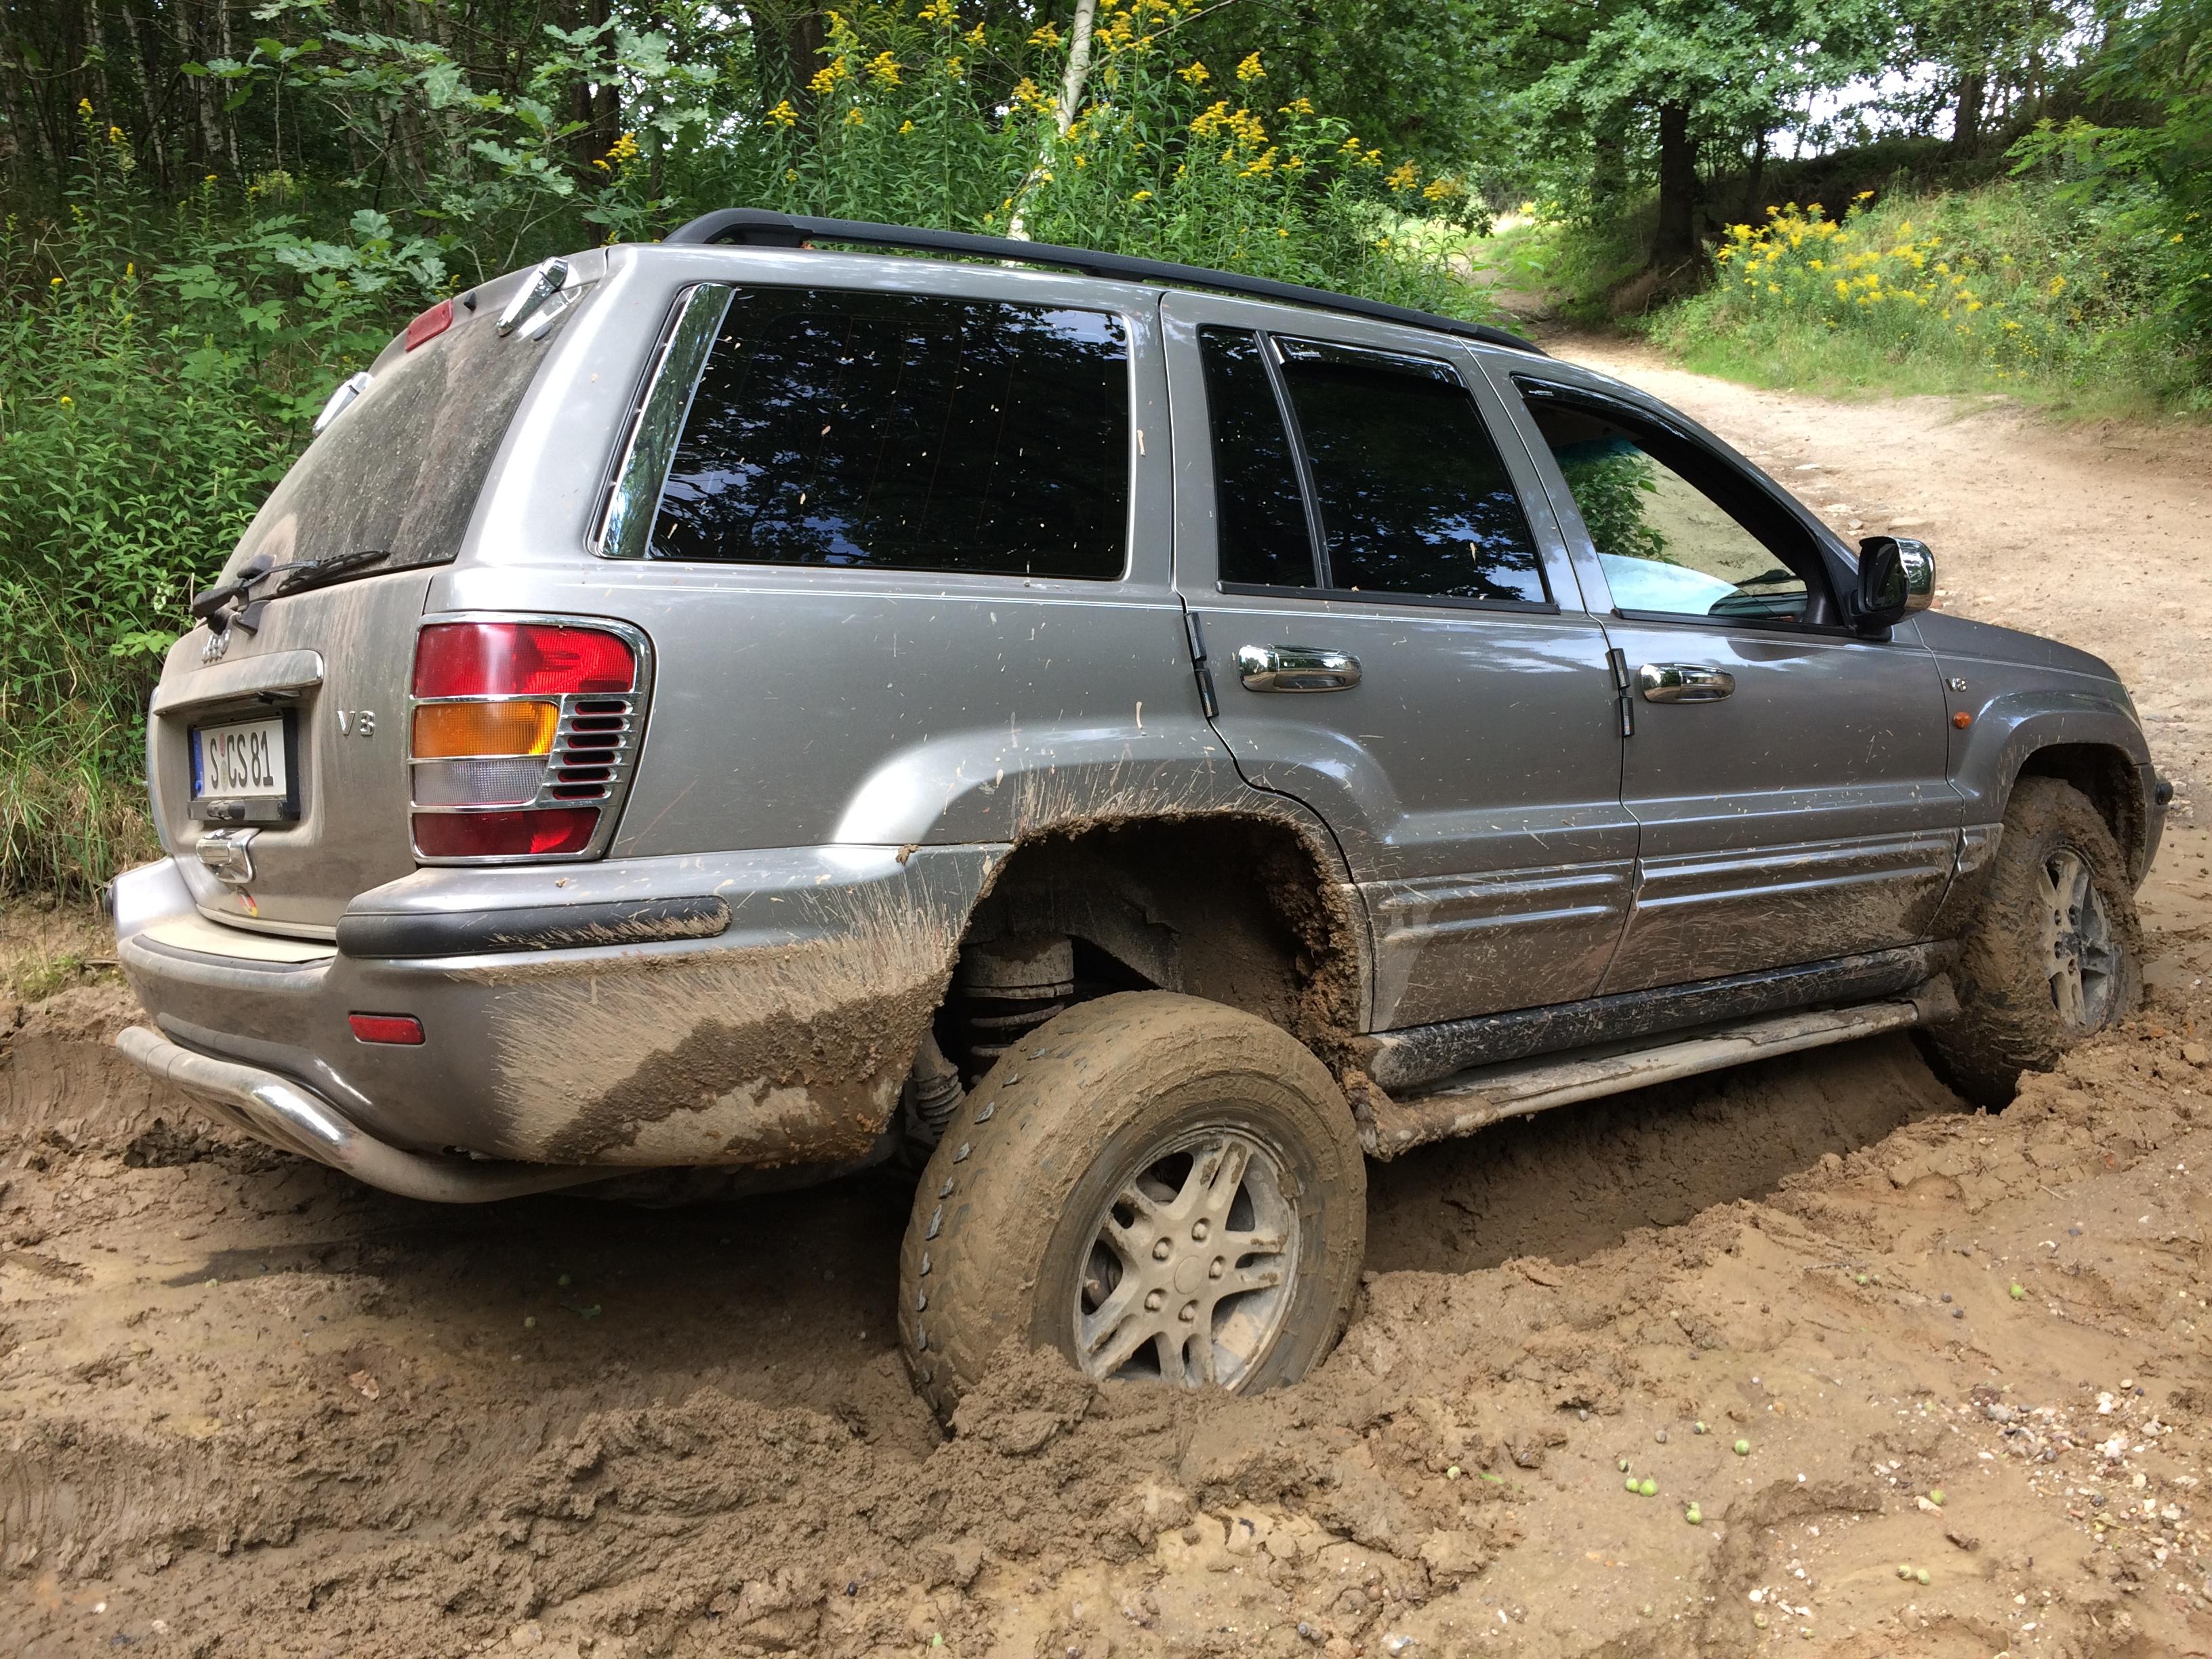 Jeep Grand Cherokee Geländewagen mieten